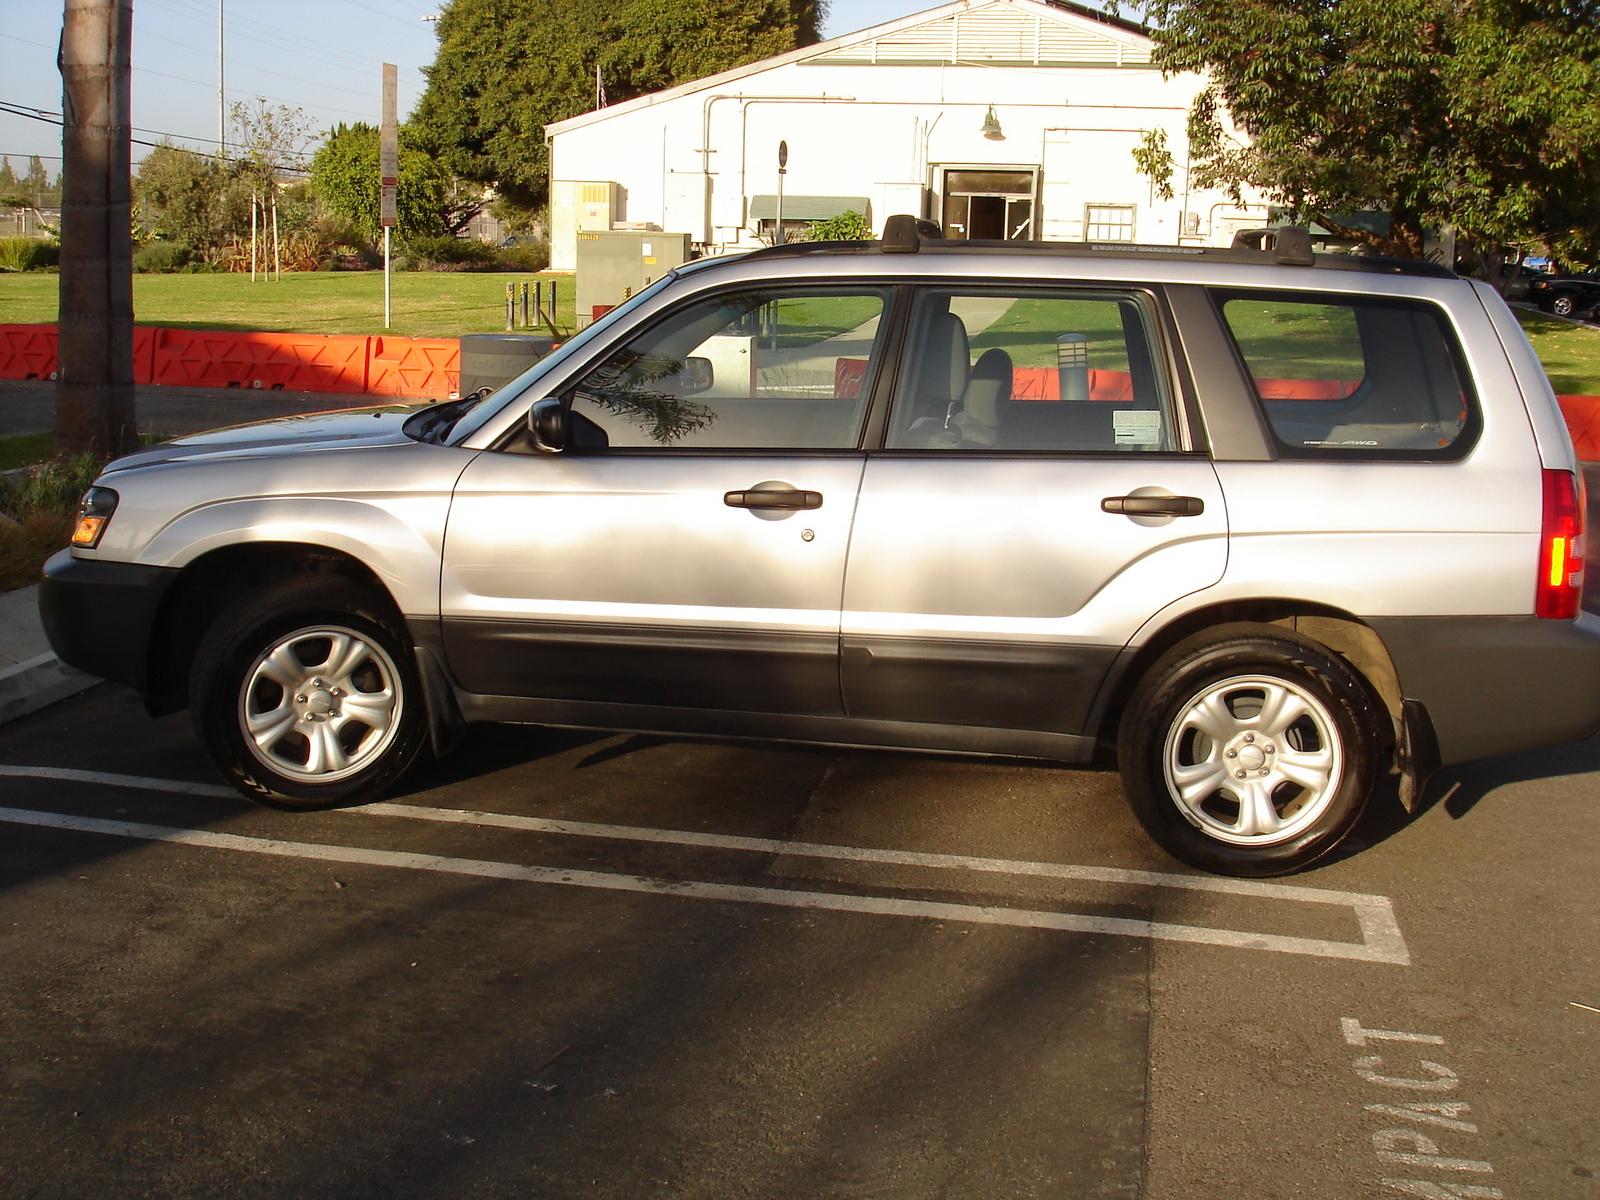 2005 Subaru Forester Pictures Cargurus